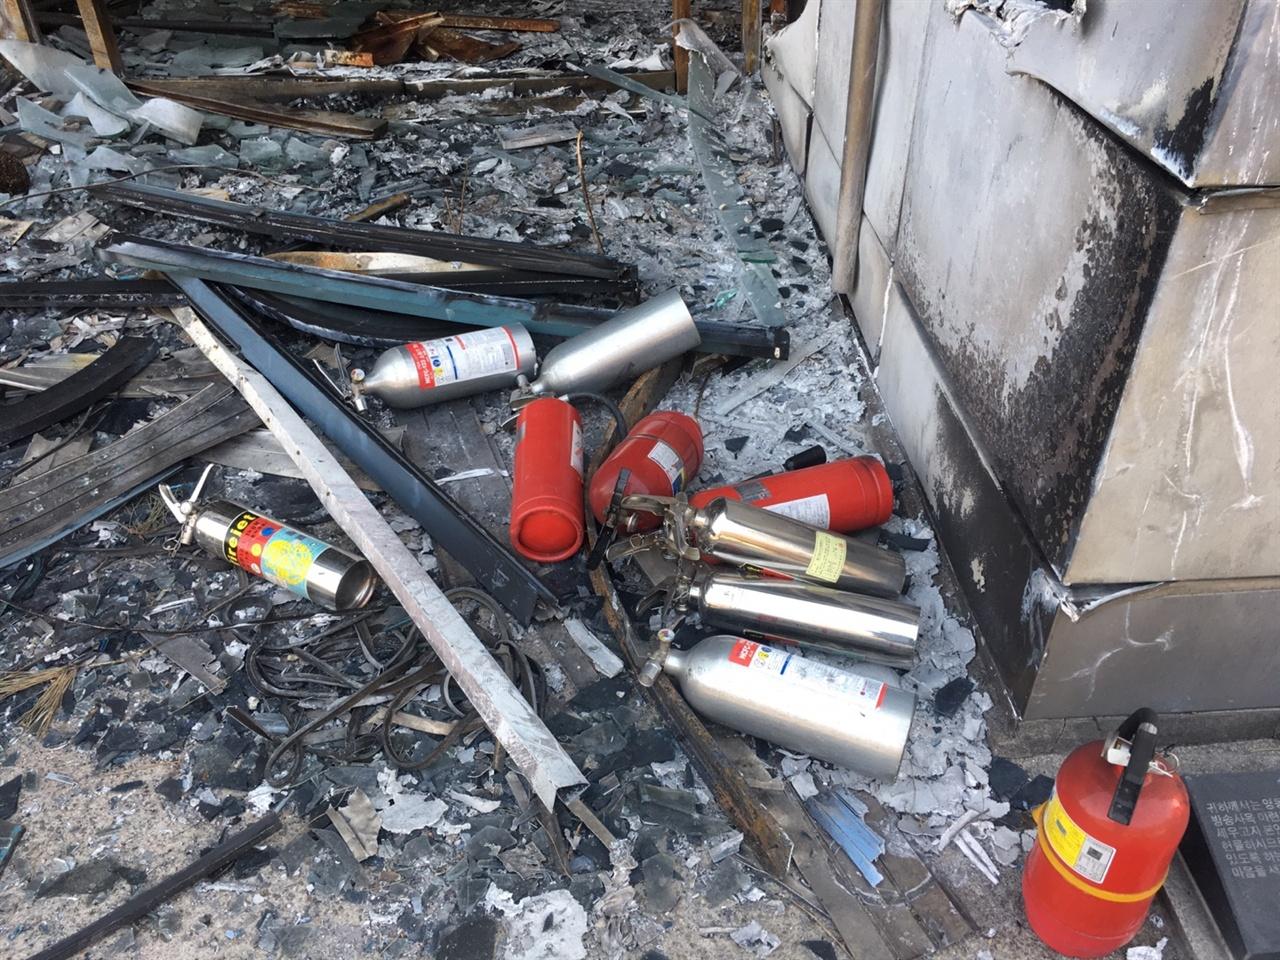 속초 산불 현장에 남아있는 소화기 불을 끄기 위해 사투를 벌인 흔적이 남아있다.